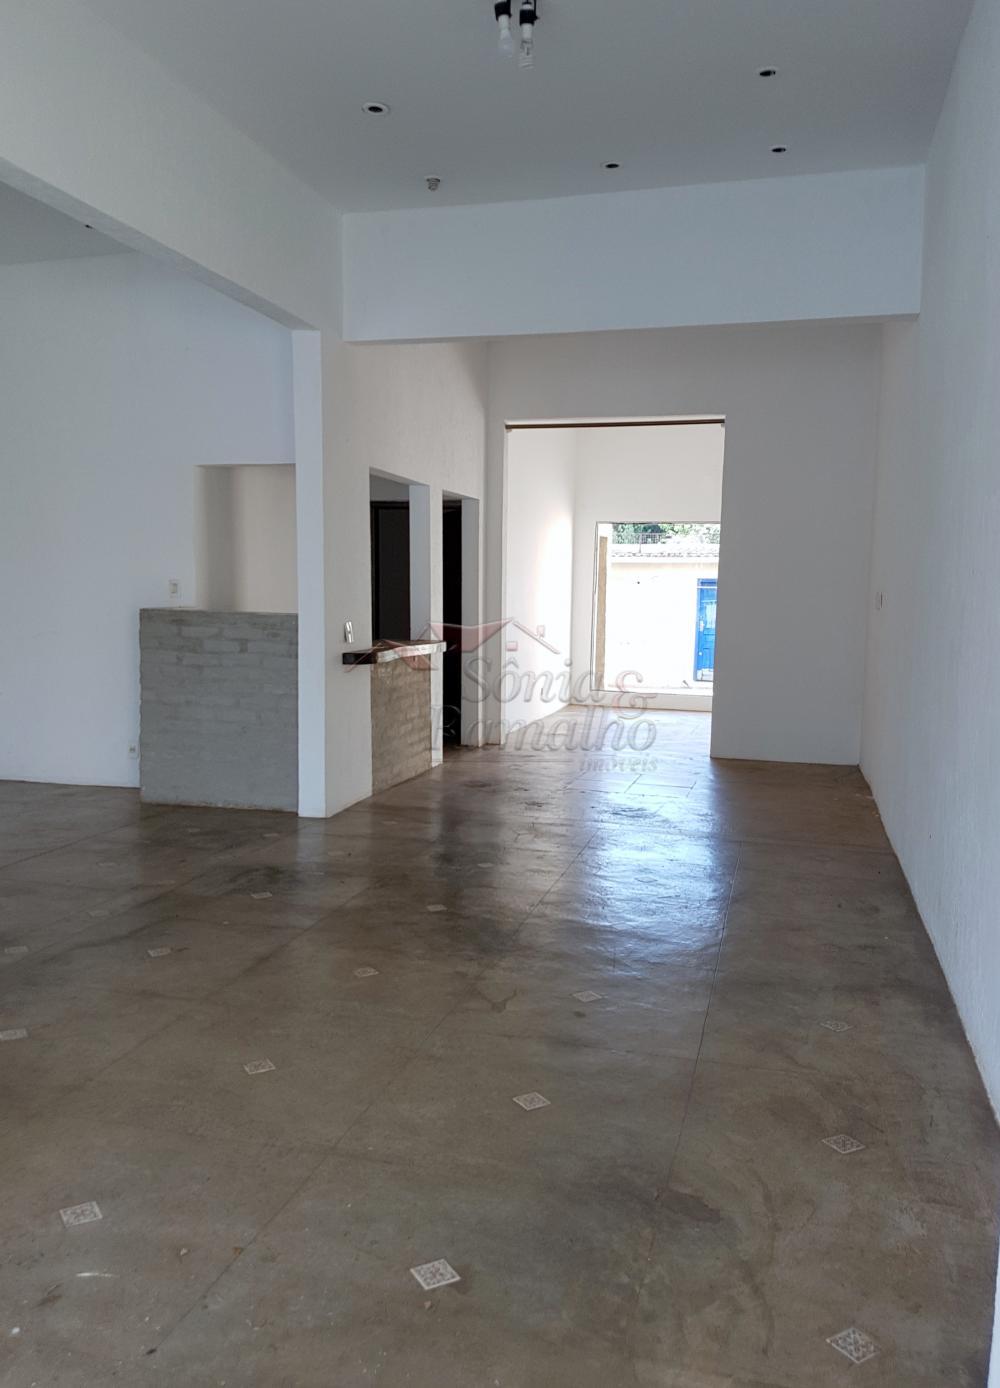 Alugar Comercial / Salão comercial em Ribeirão Preto apenas R$ 3.200,00 - Foto 10